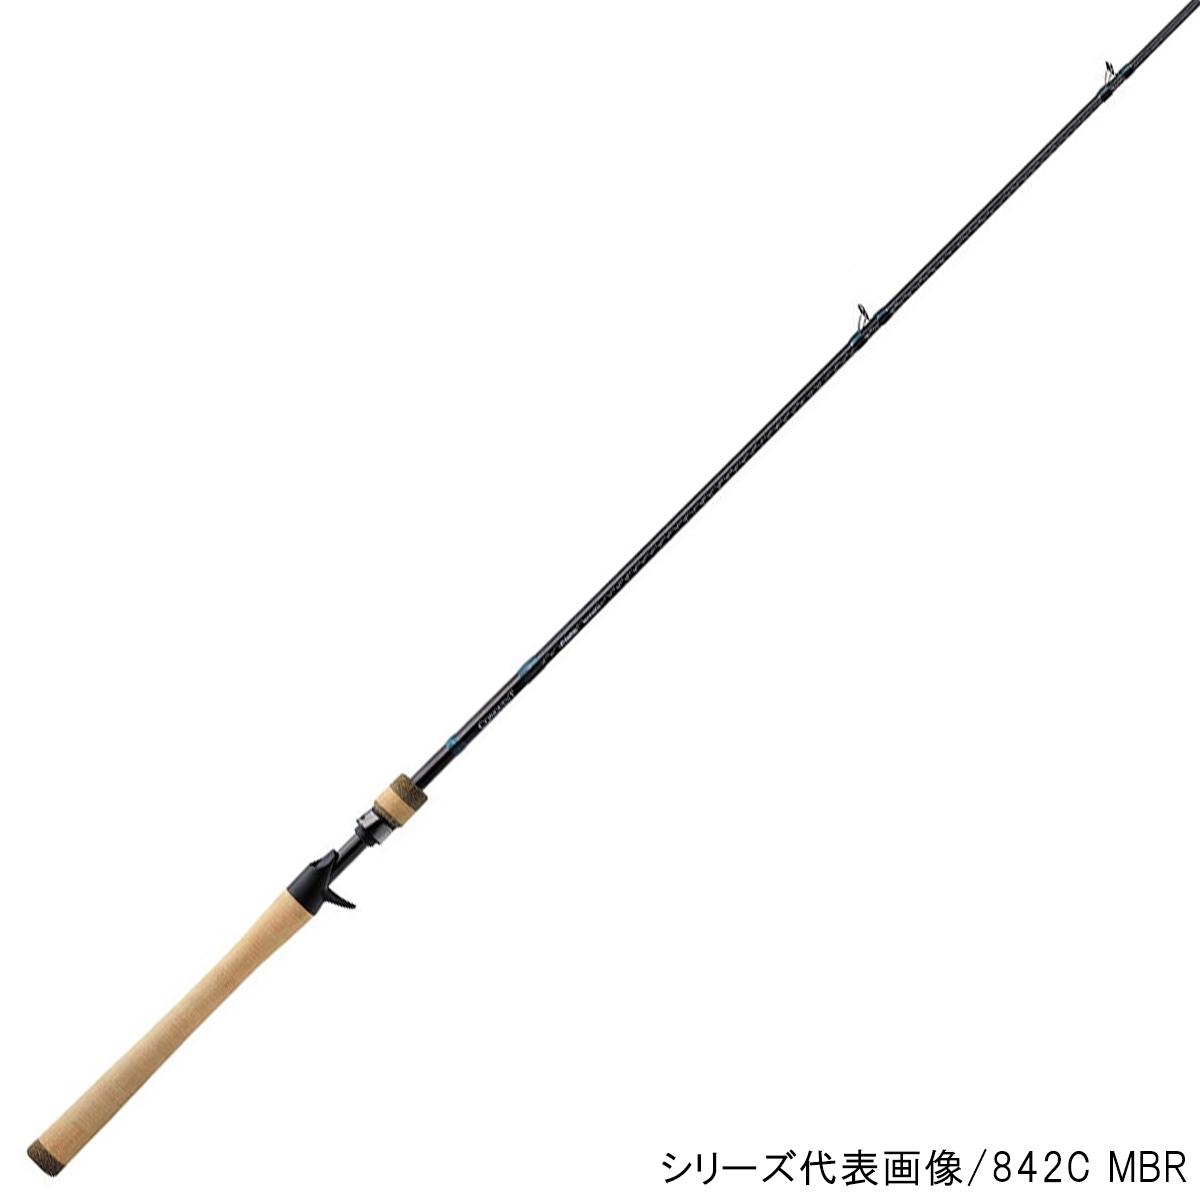 シマノ コンクエスト(ベイト) 783C MBR【大型商品】, 鶴見町:79f21b27 --- chargers.jp